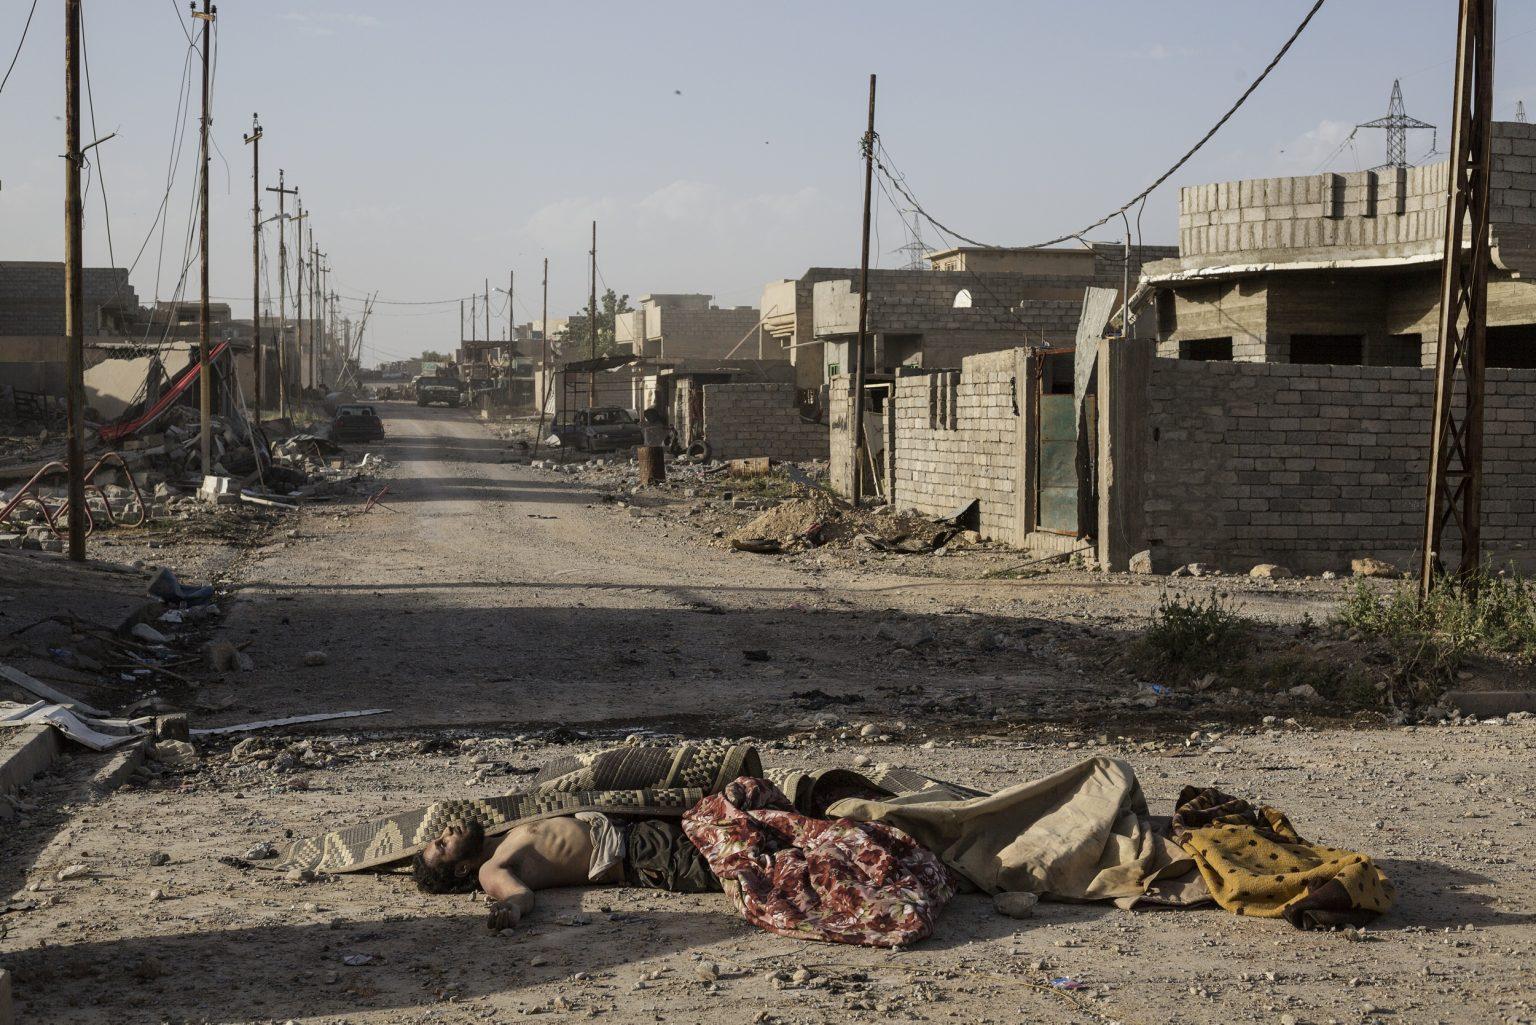 Mosul, Iraq - May 11th 2017 - supposed Islamic State fighters bodies, lying on the ground of the new liberated area on the western part of the city. ------------ Mosul, Iraq - 11 maggio 2017 - corpi di presunti combattenti dello Stato Islamico, adagiati sul terreno della nuova area liberata nella parte occidentale della città.